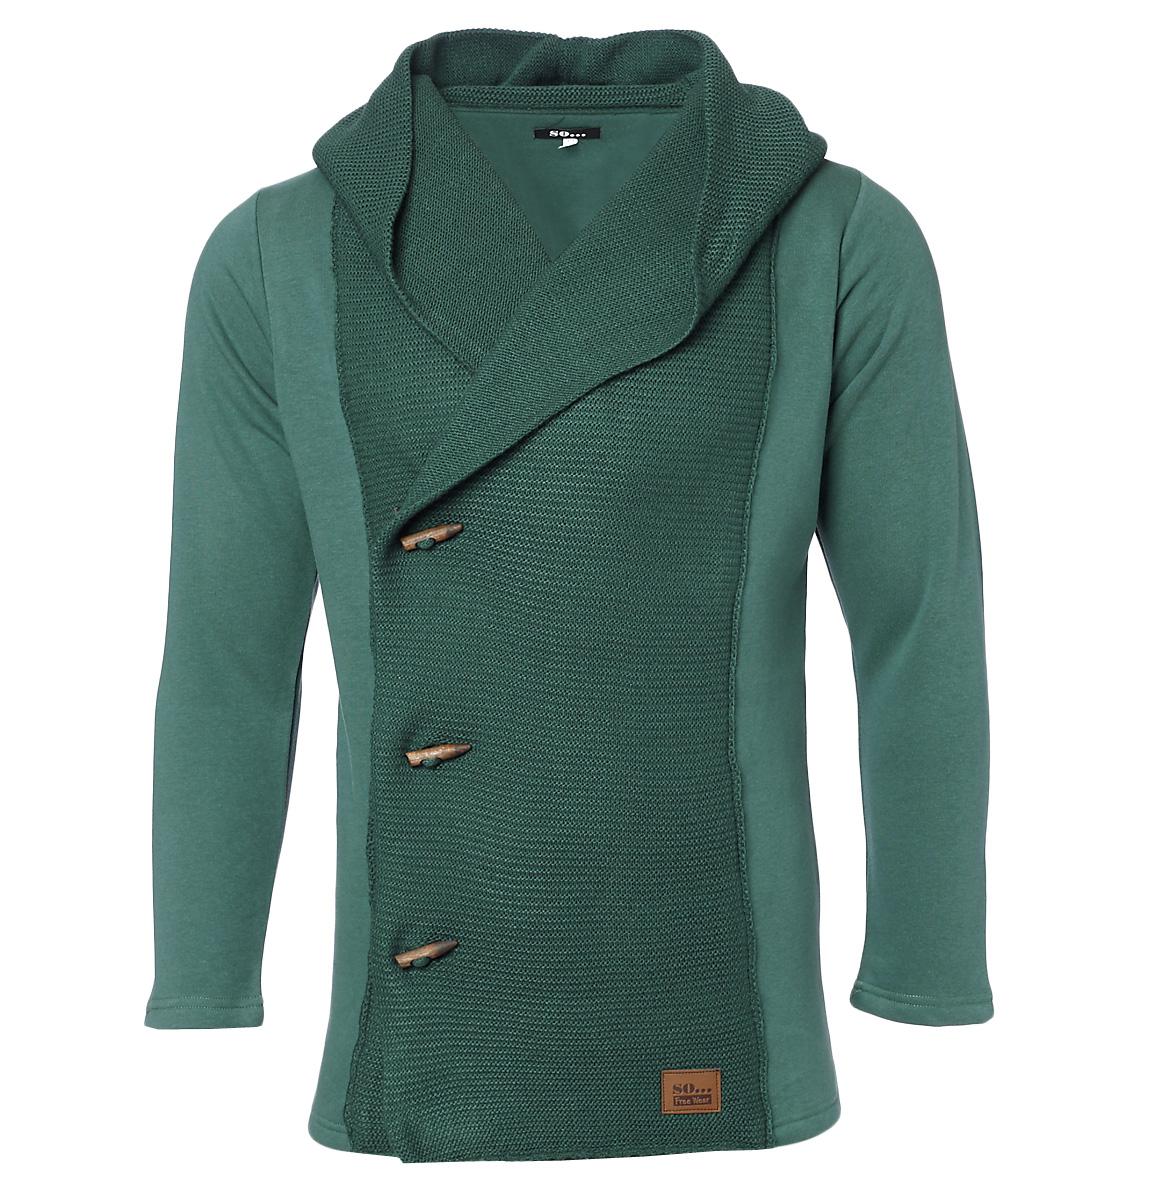 Ζακέτα Spirit So Fashion-Κυπαρισσί αρχική ανδρικά ρούχα